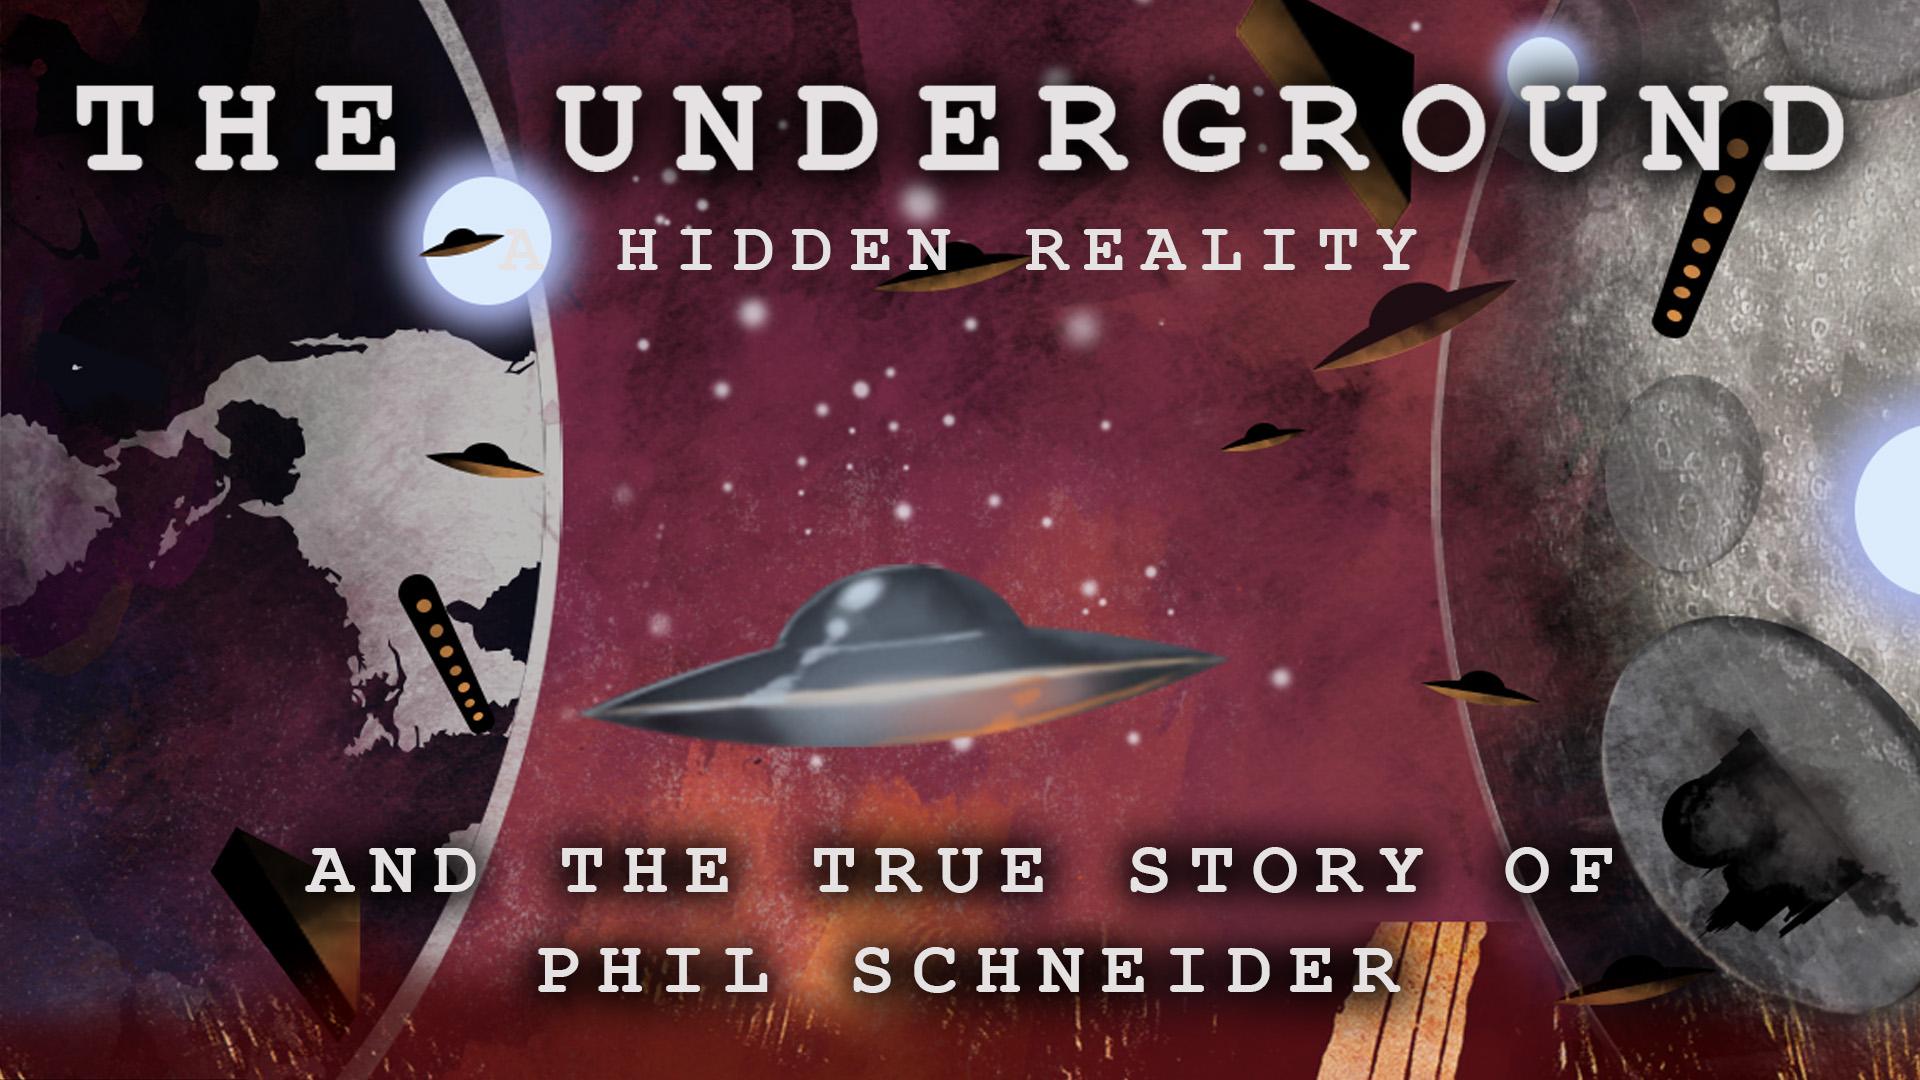 The Underground: Director's Cut